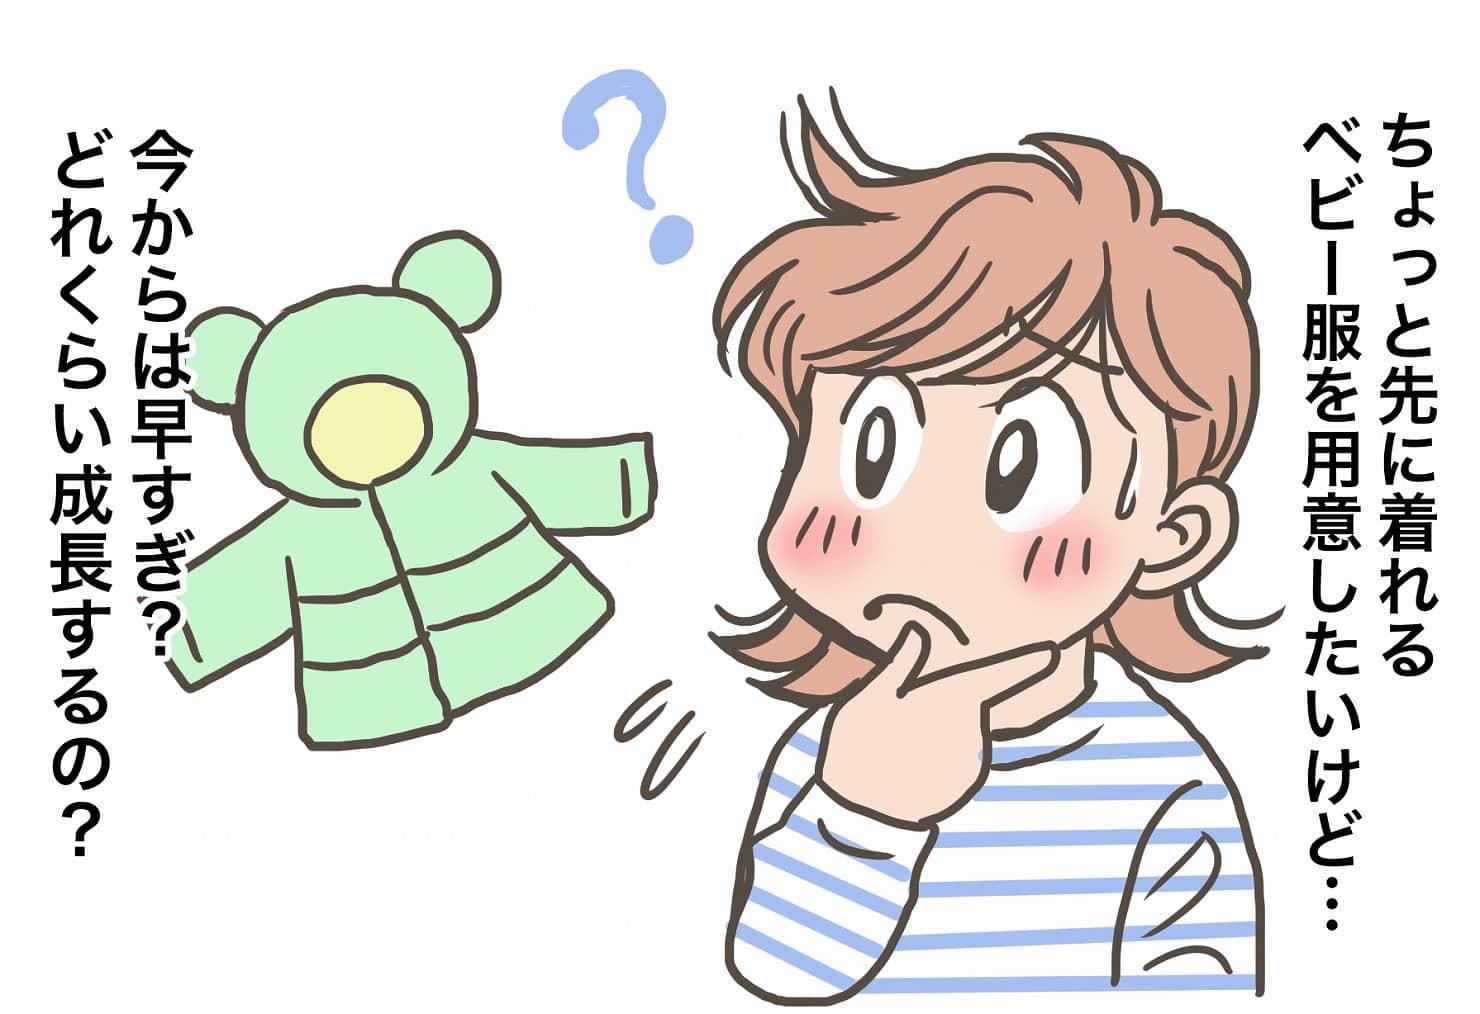 【育児漫画・育児あるあるvol.1】「ベビー服のサイズ選びは難しい」